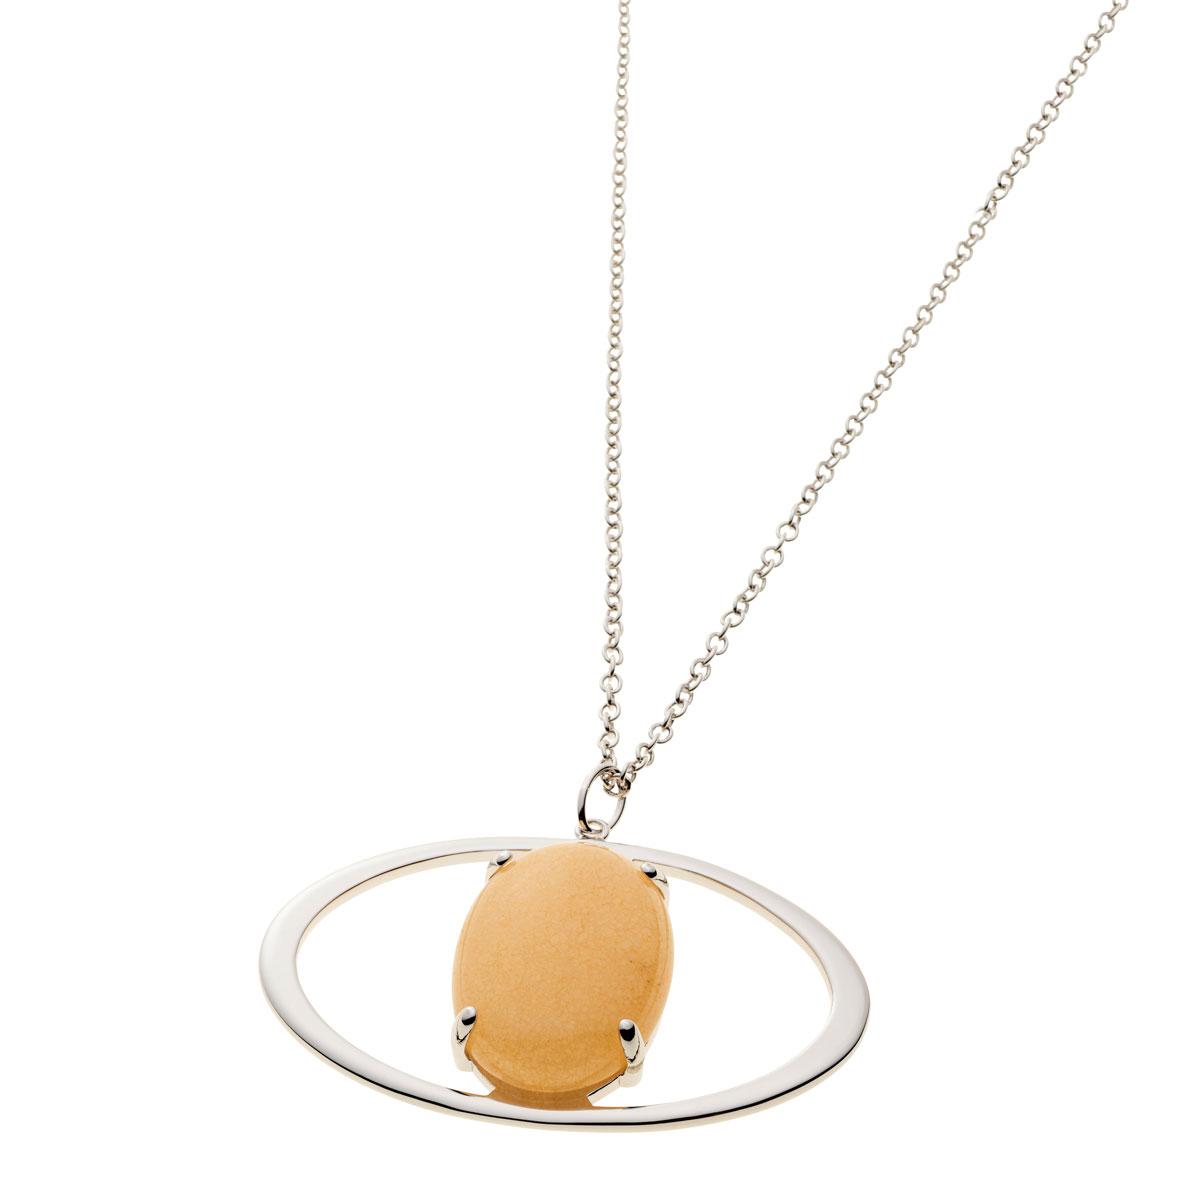 Belleek Living Jewelry Ochre Necklace